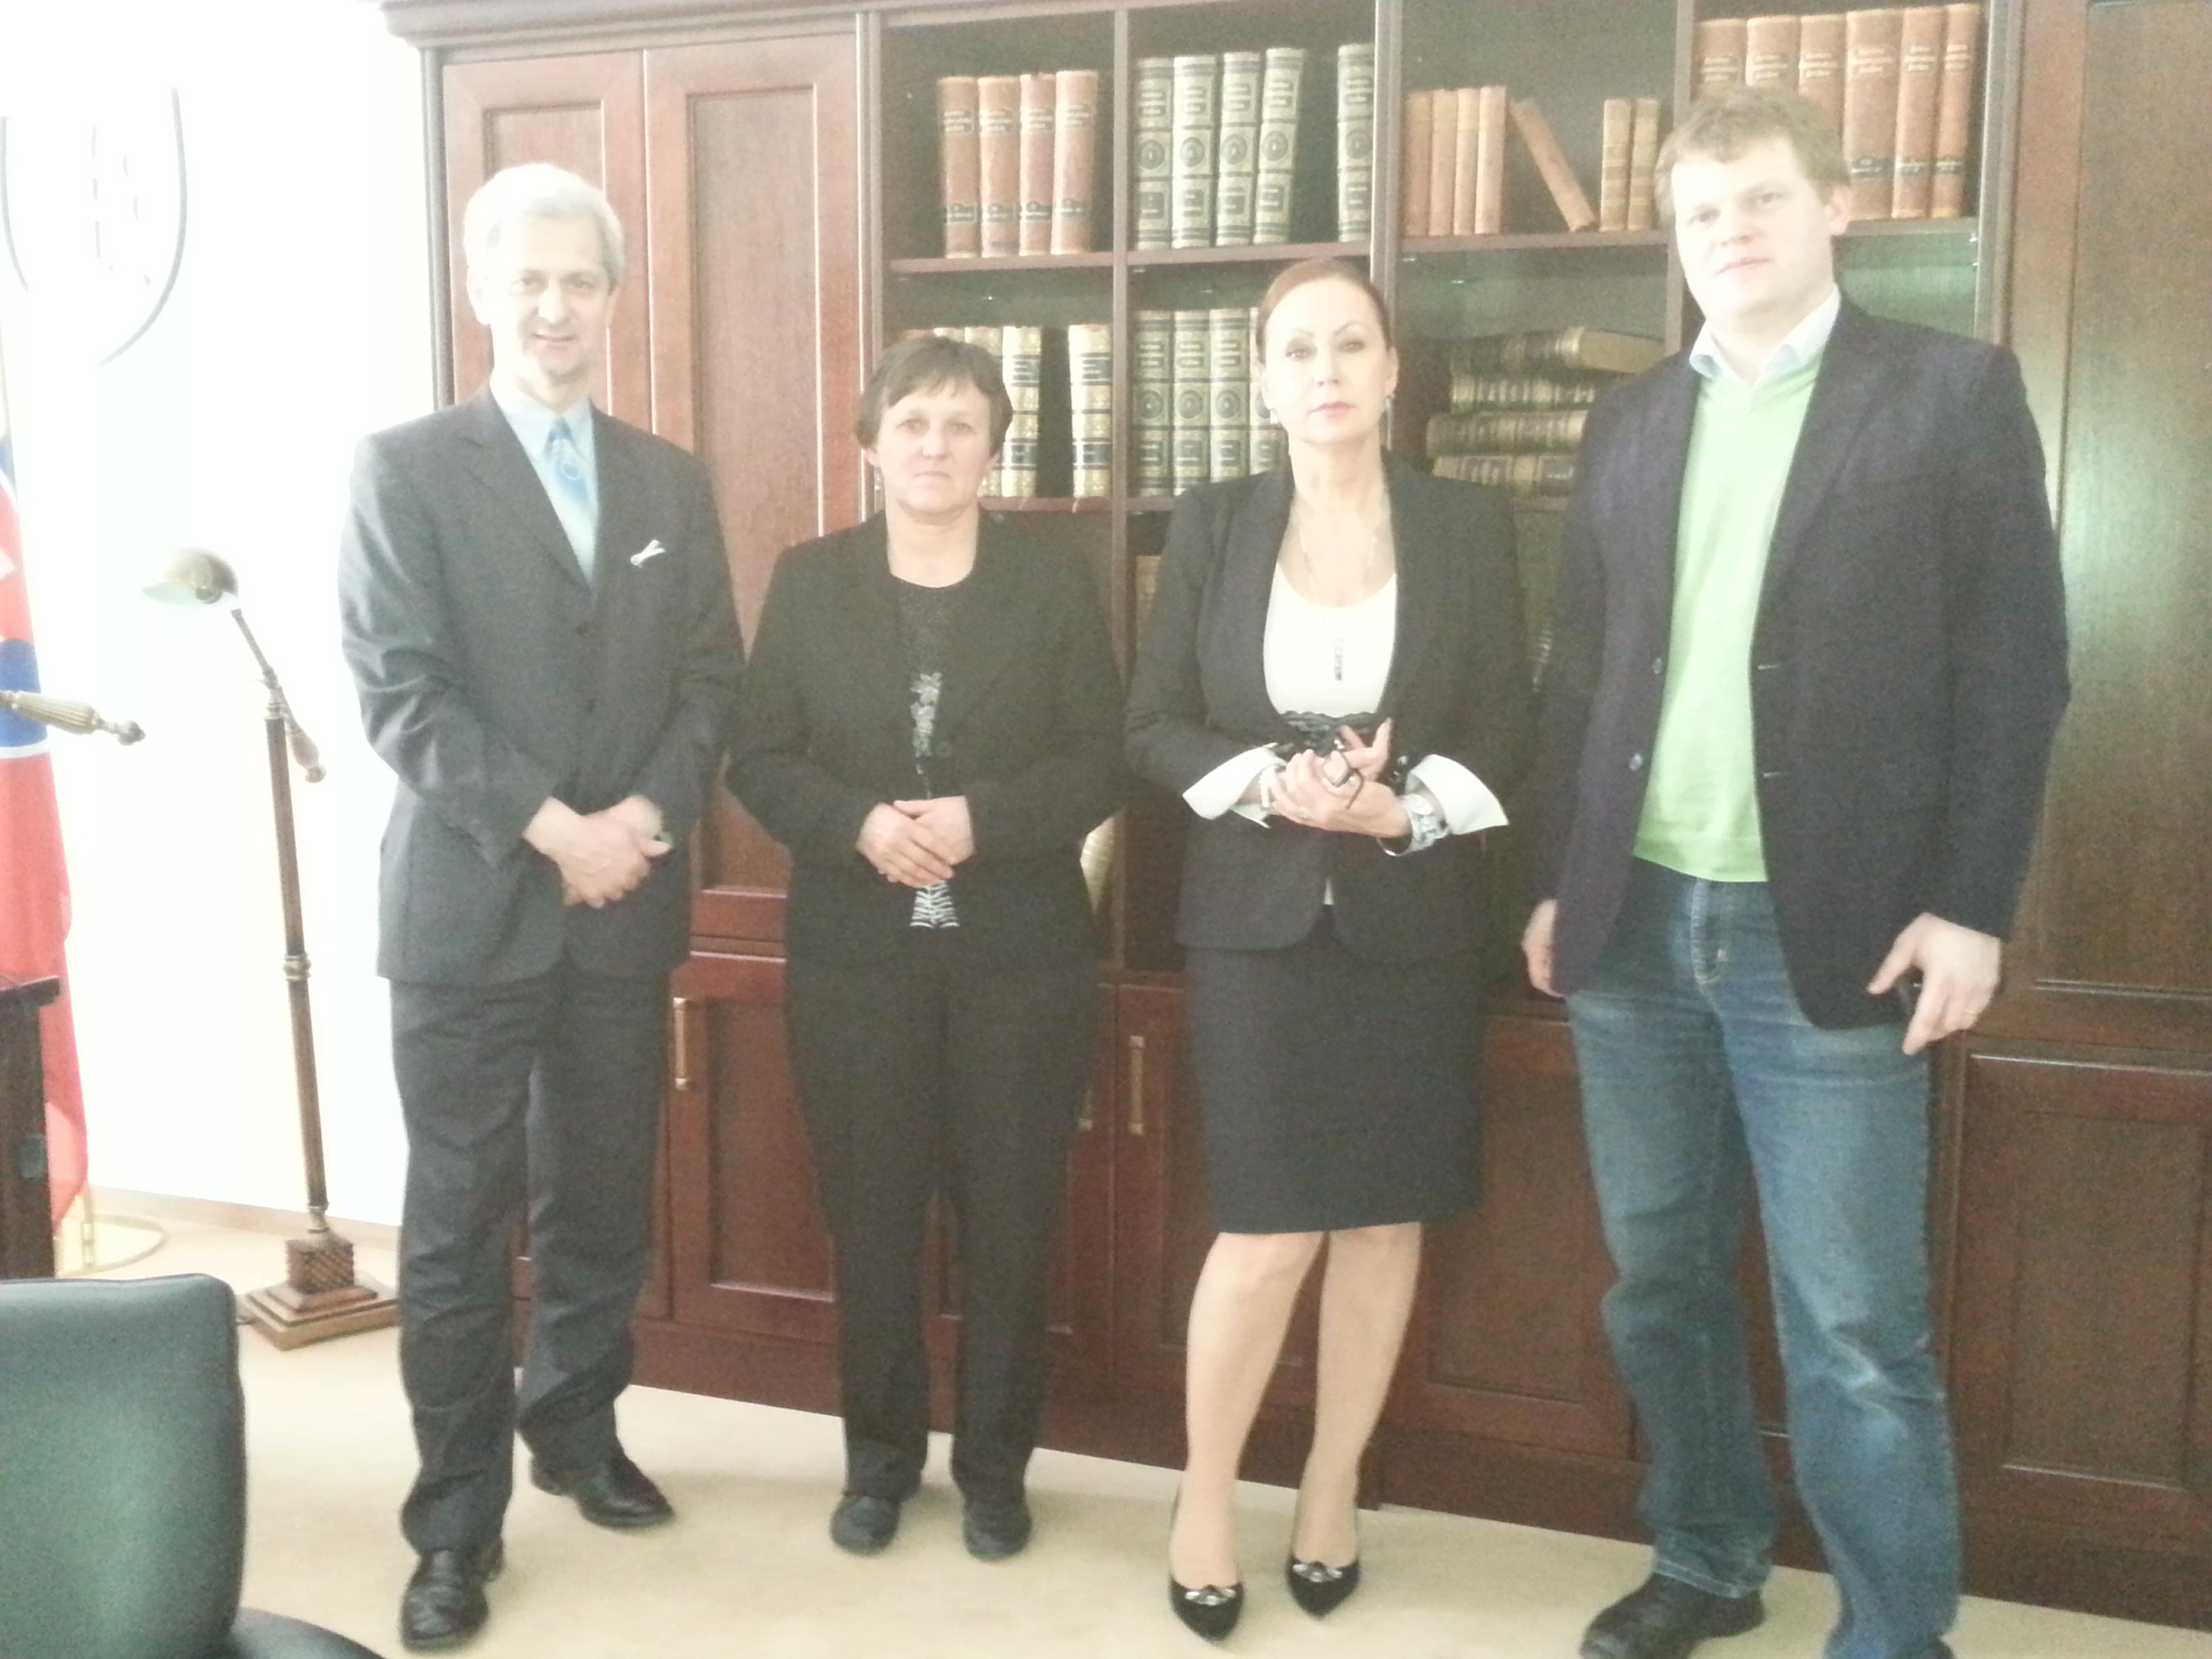 Zástupcovia Fóra kresťanských inštitúcií rokovali s predsedníčkou Ústavného súdu pani JUDr. Ivetou Macejkovou, PhD. o stave ľudských práv na Slovensku